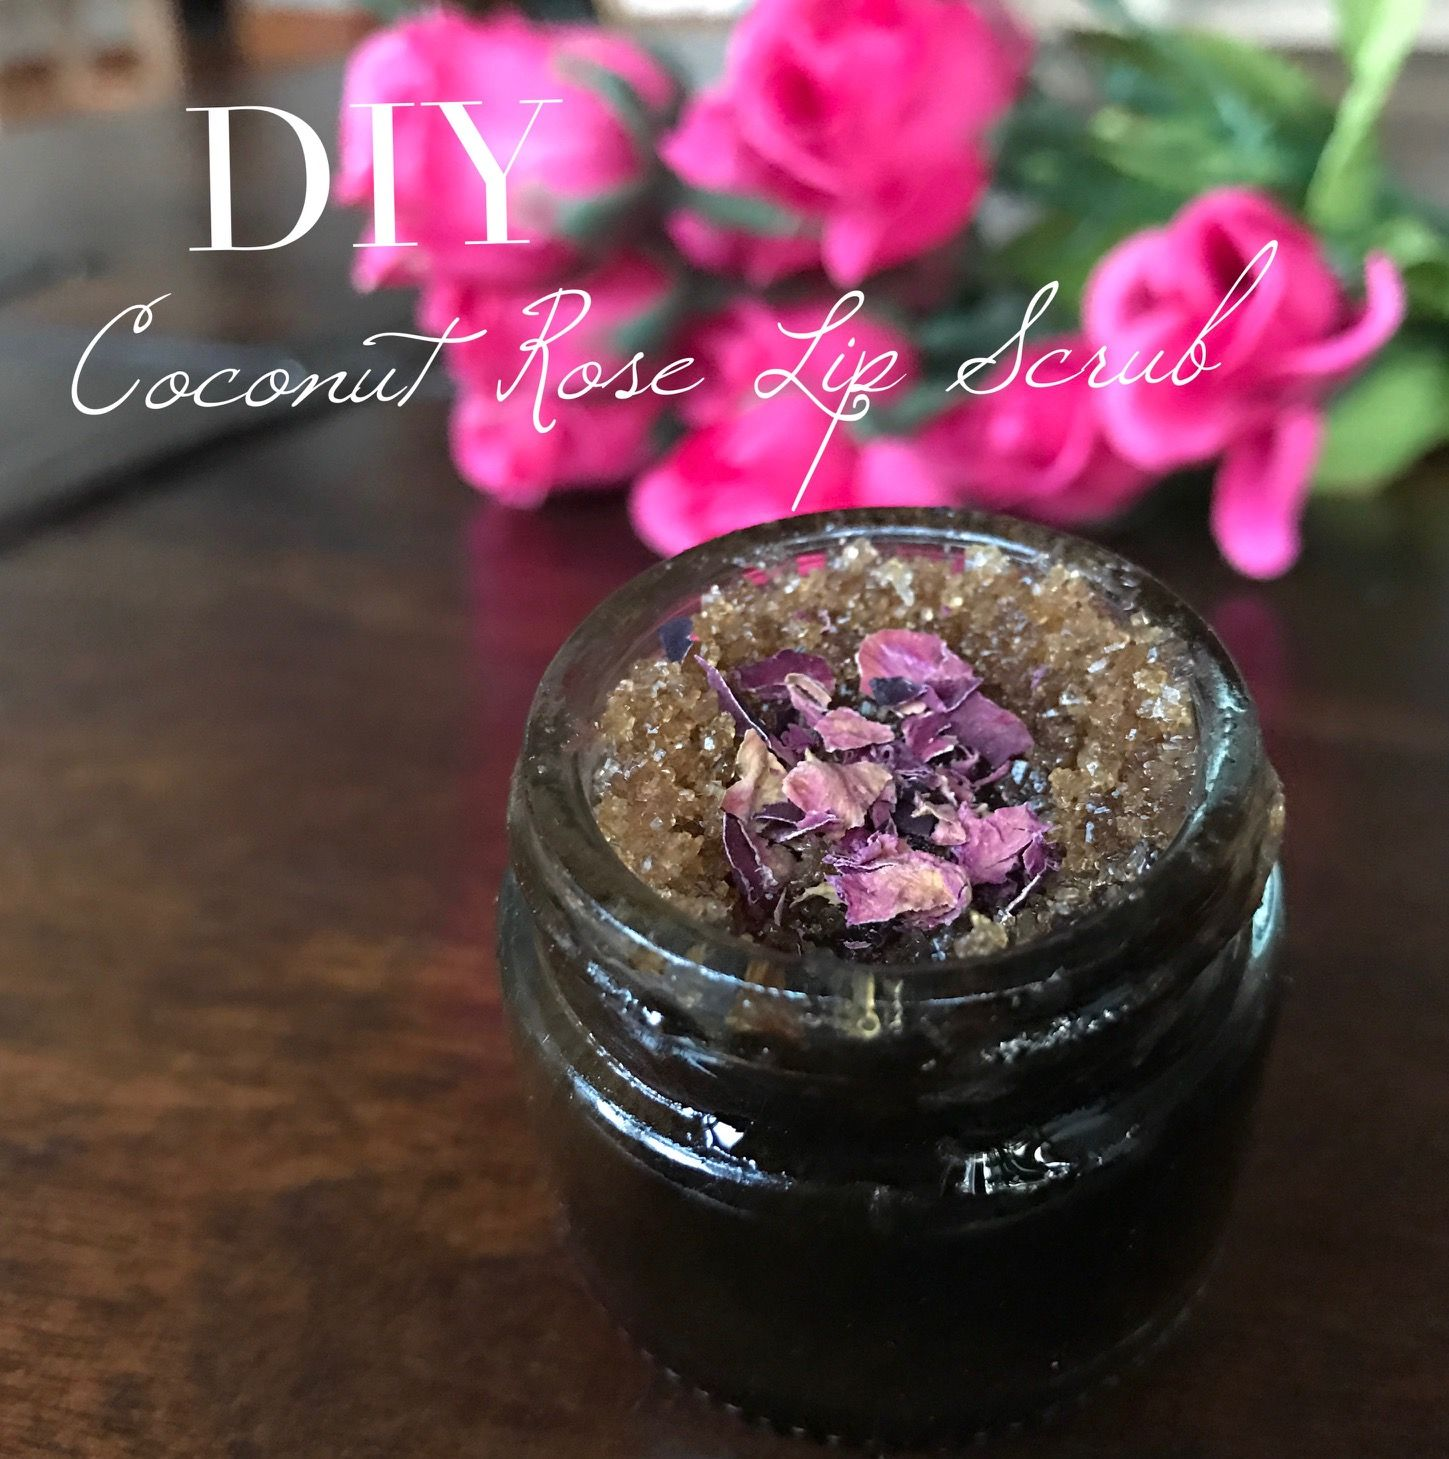 DIY Coconut Rose Lip Scrub - Vegan Beauty Review